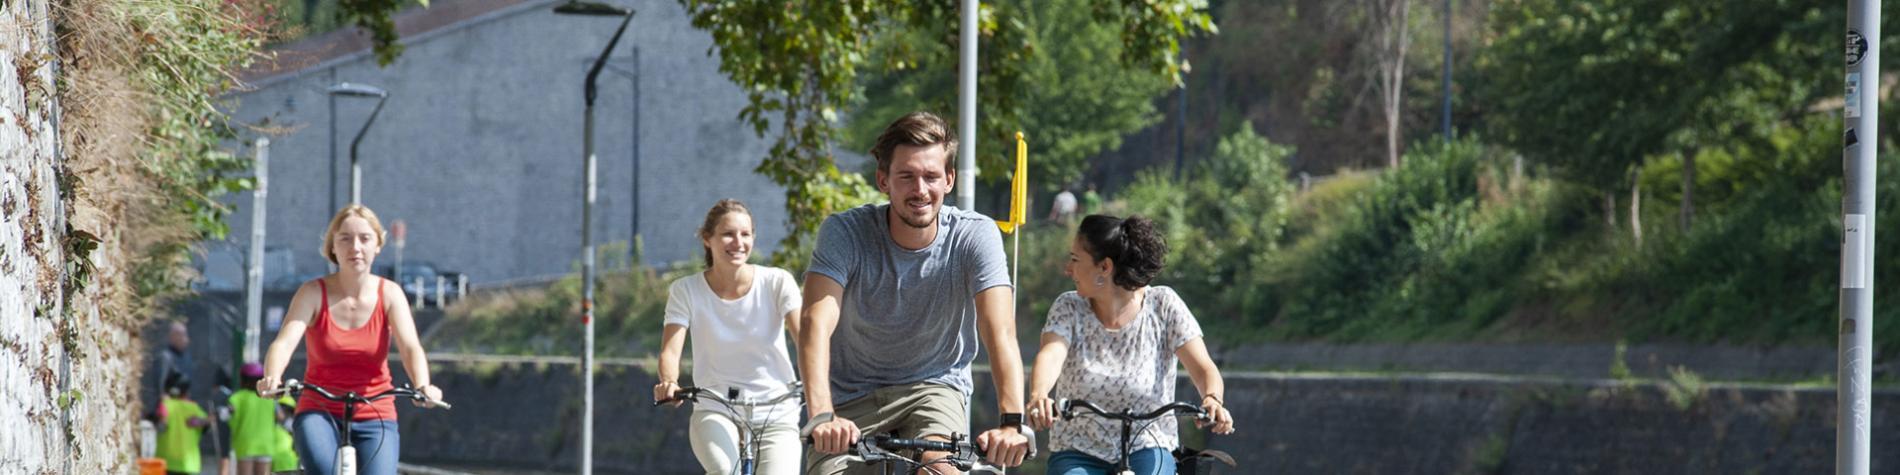 Véloroute - Pèlerins - Herve - Thuin - Circuits vélo - Wallonie